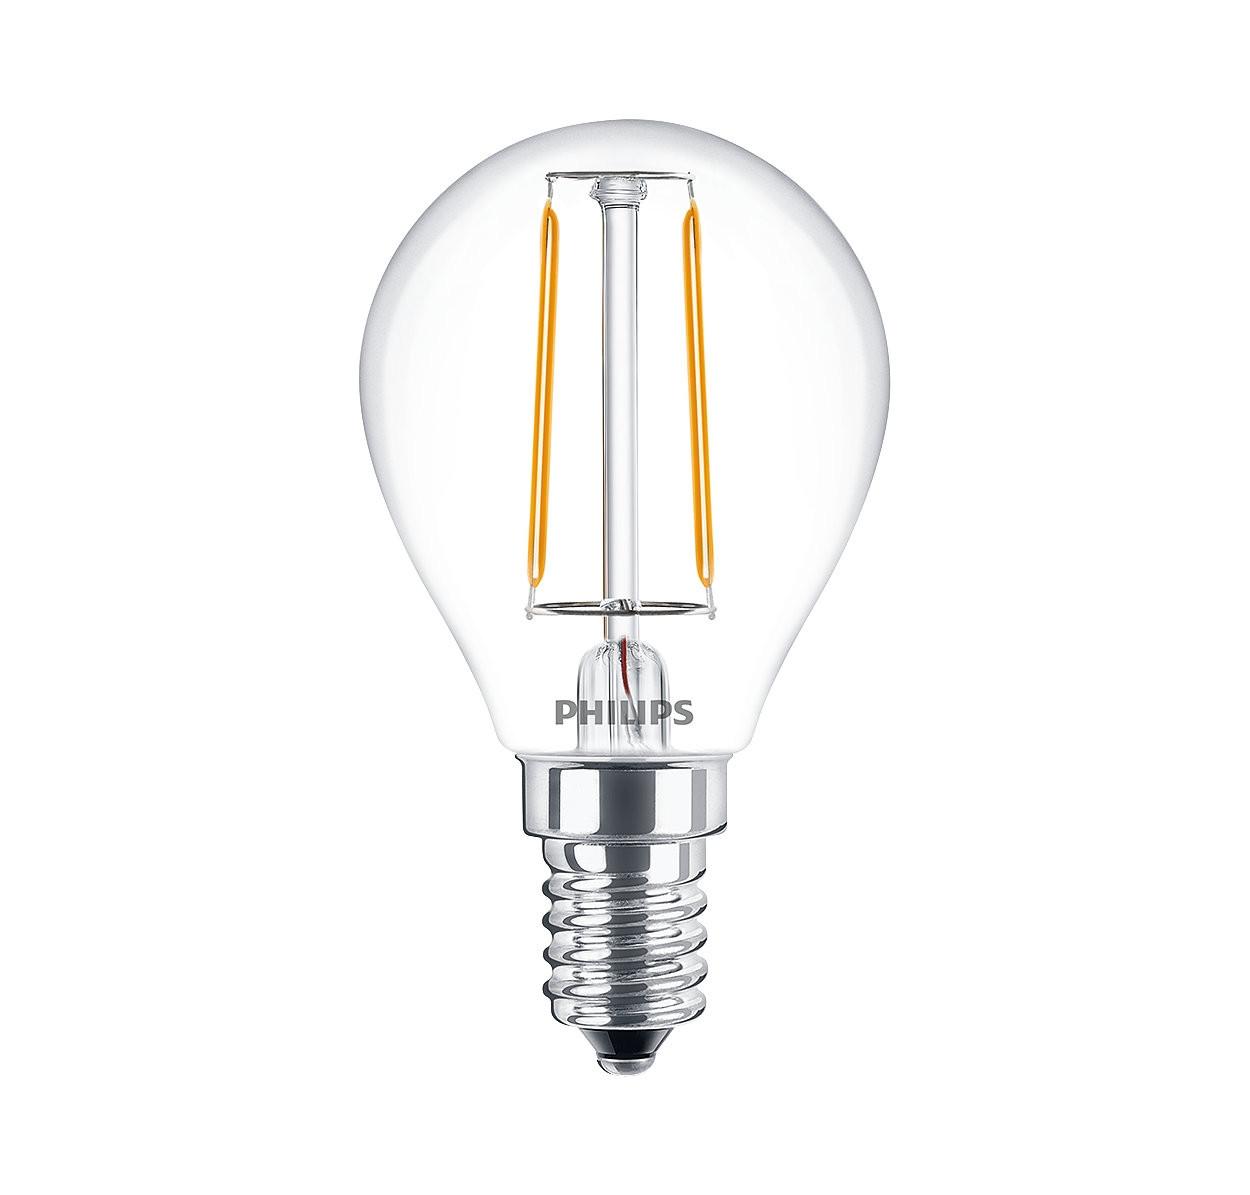 LED Filament Lampe Philips • E14 • 220-240V/AC/50Hz • 2,0W (2,0W = 25W), 250lm • 2700K warmweiss (extra warm)